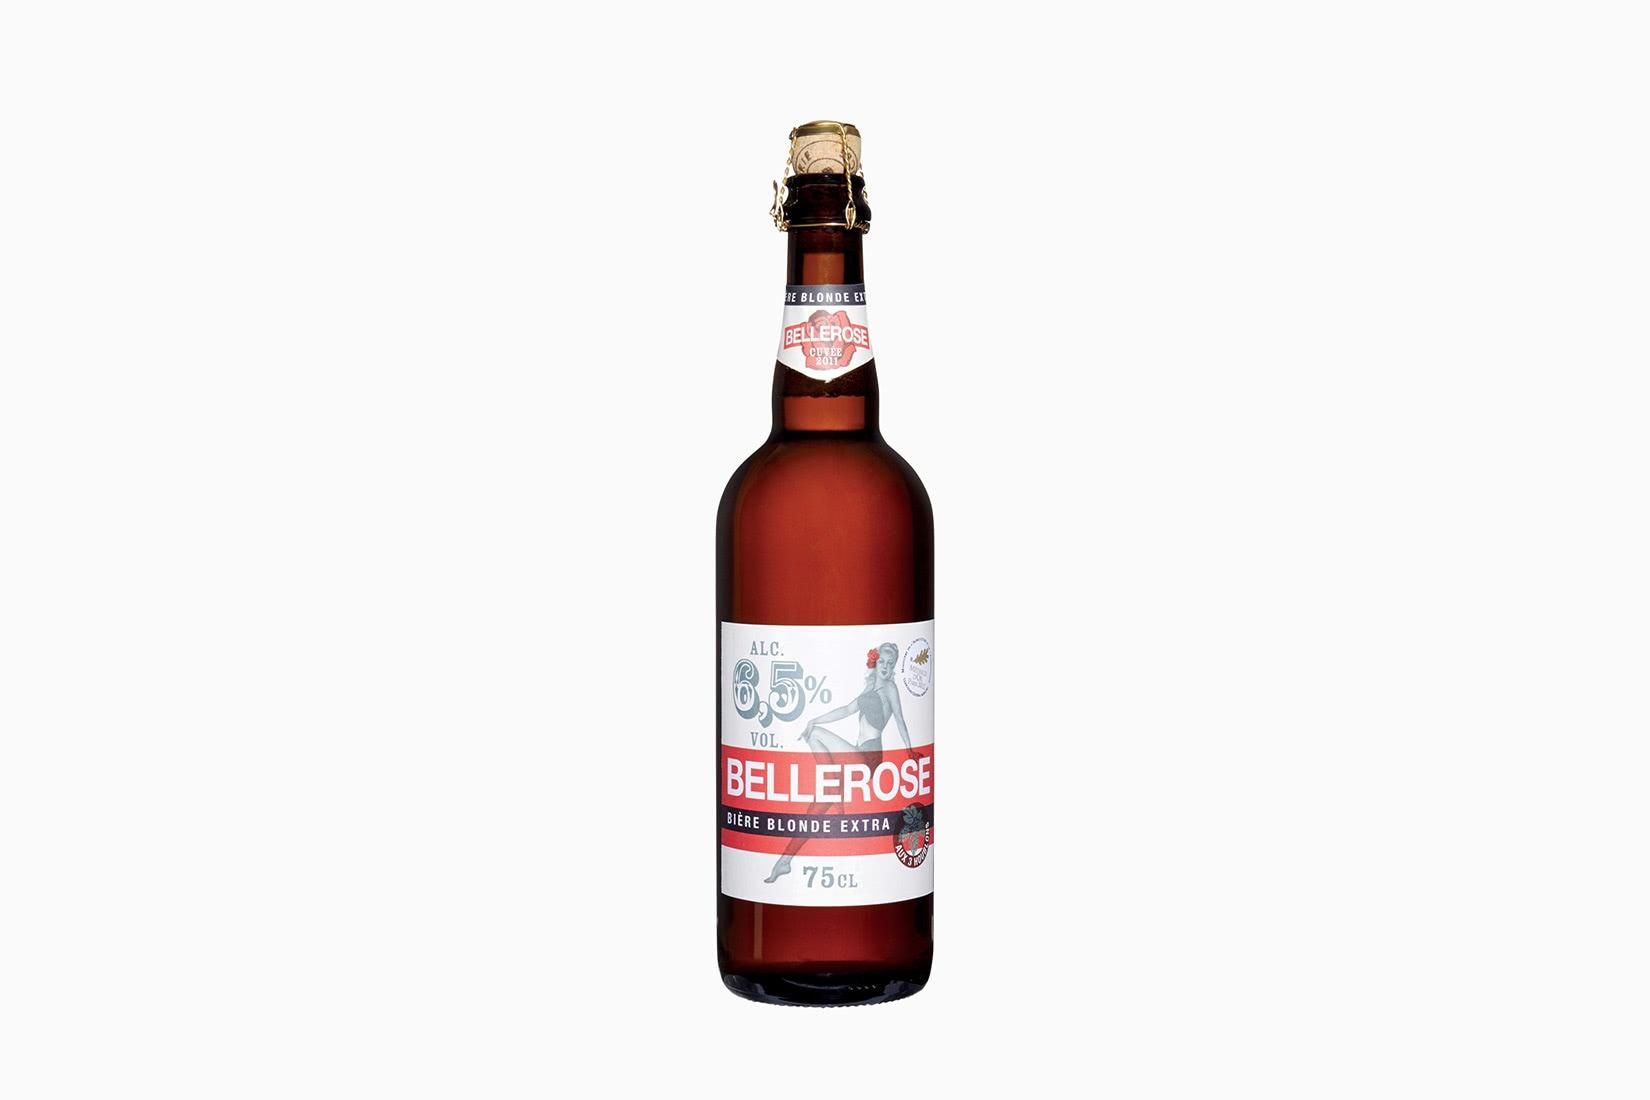 best beer brands bellerose biere blonde - Luxe Digital